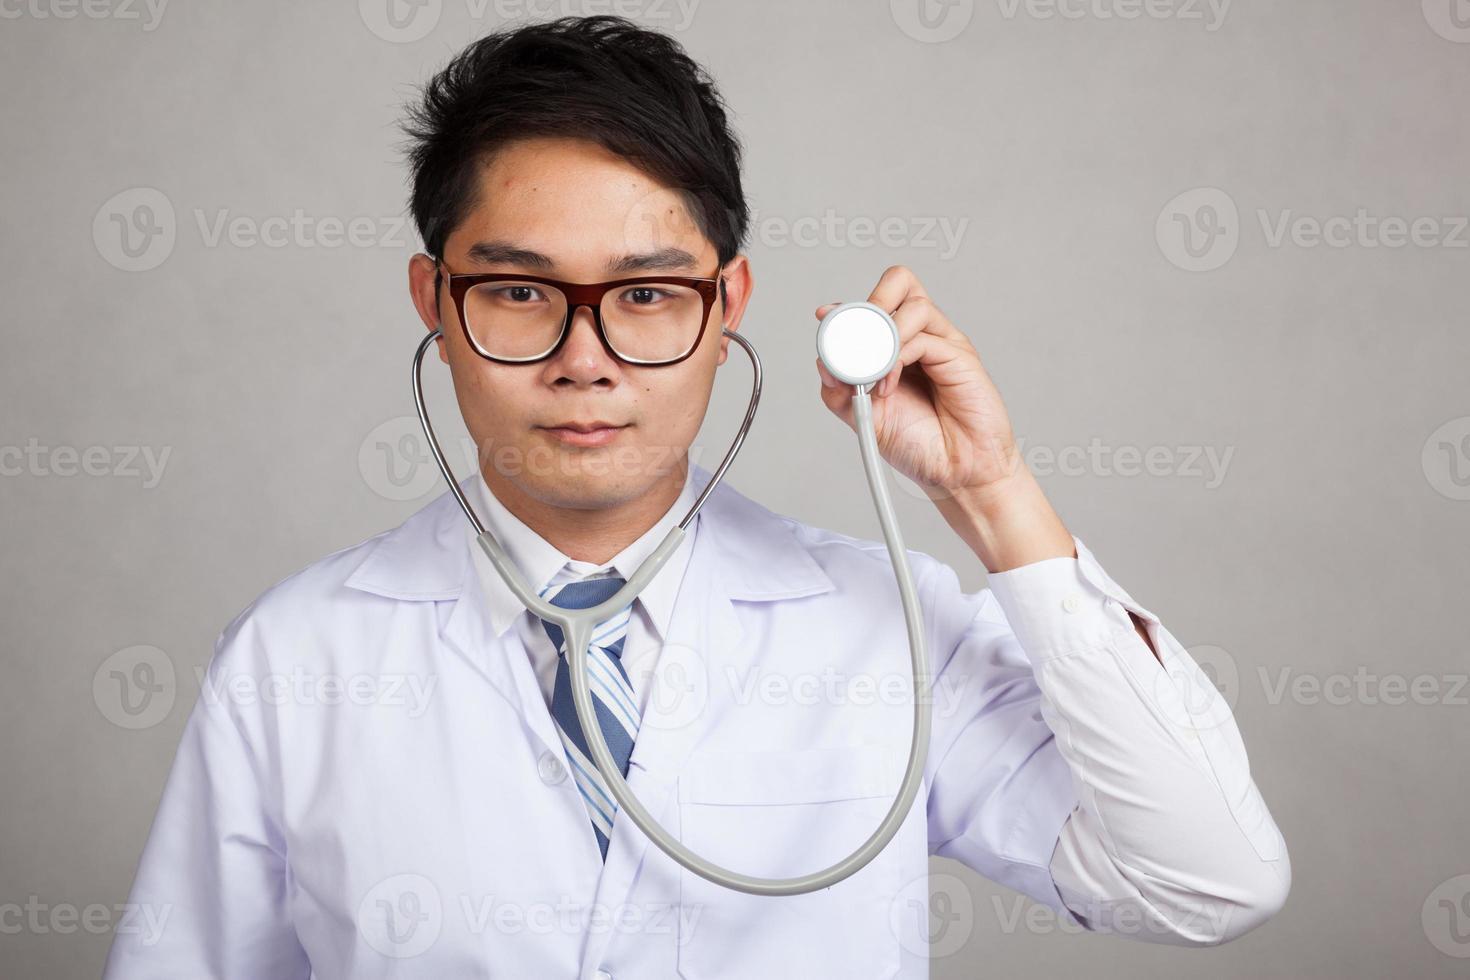 medico maschio asiatico con stetoscopio foto